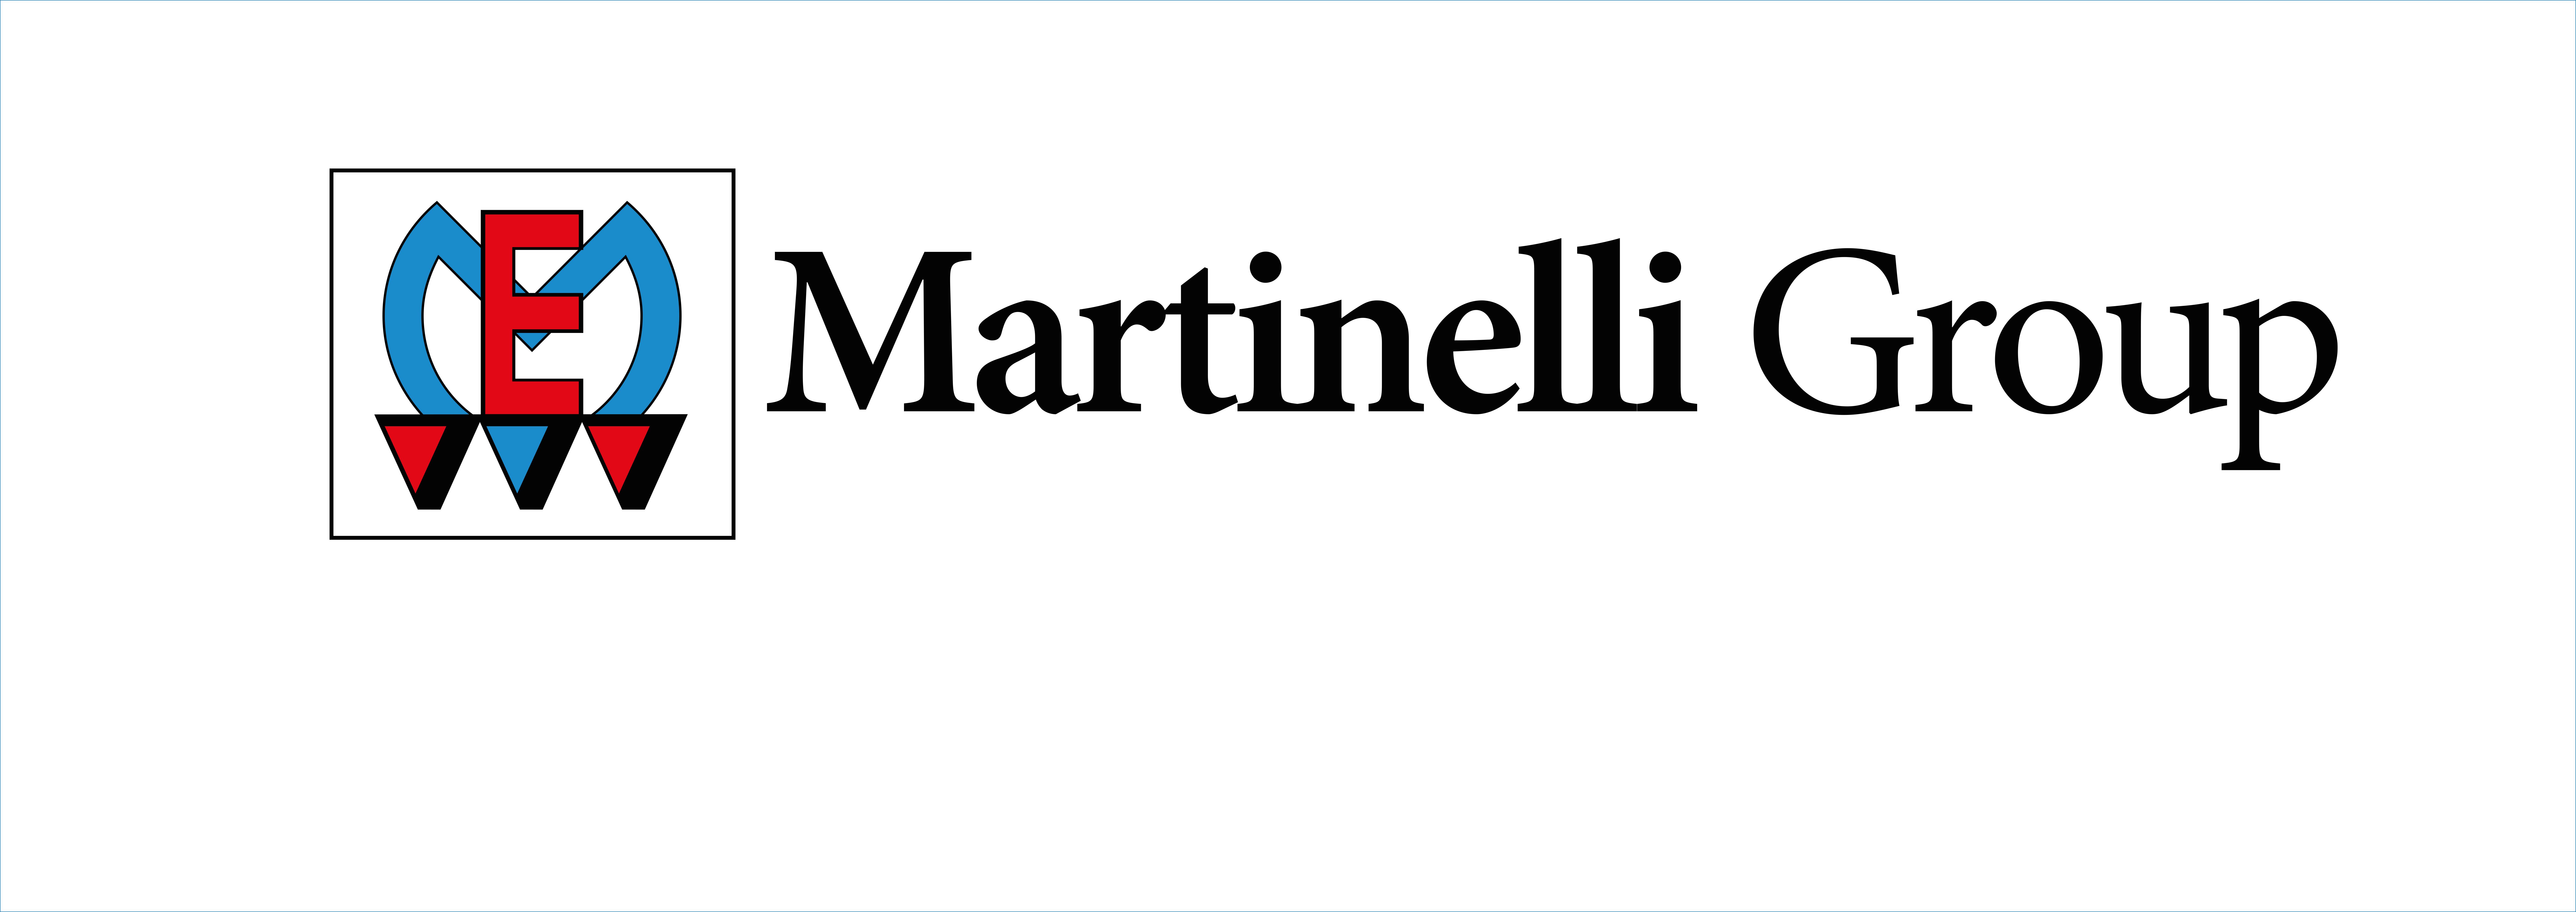 Martinelli Group Confezioni Srl.Martinelli Group Stampi Tamponi Presse E Caricamento Per